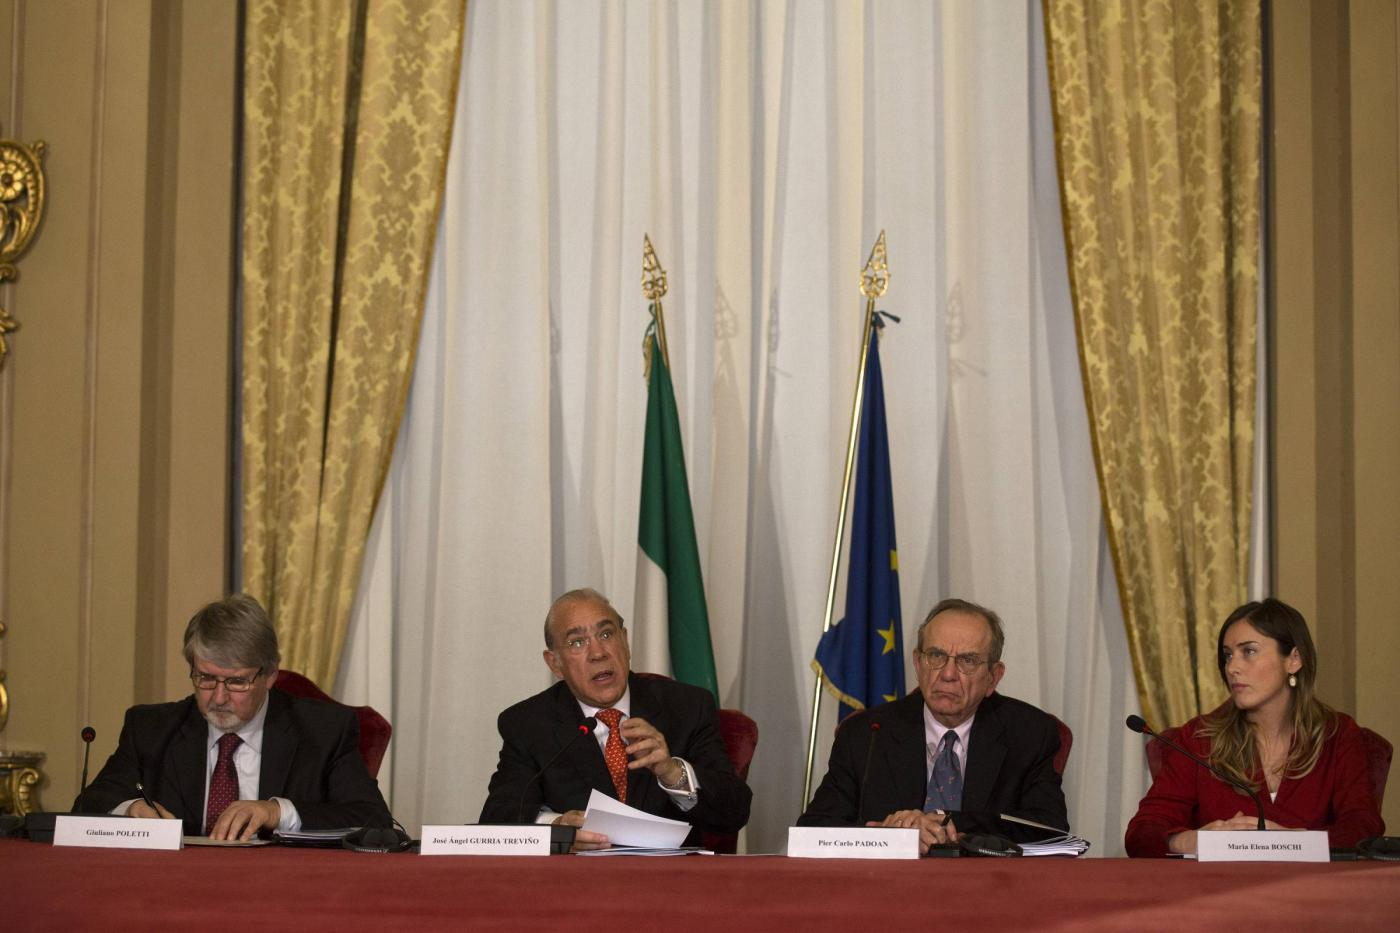 Presentazione del rapporto Ocse sull'Italia